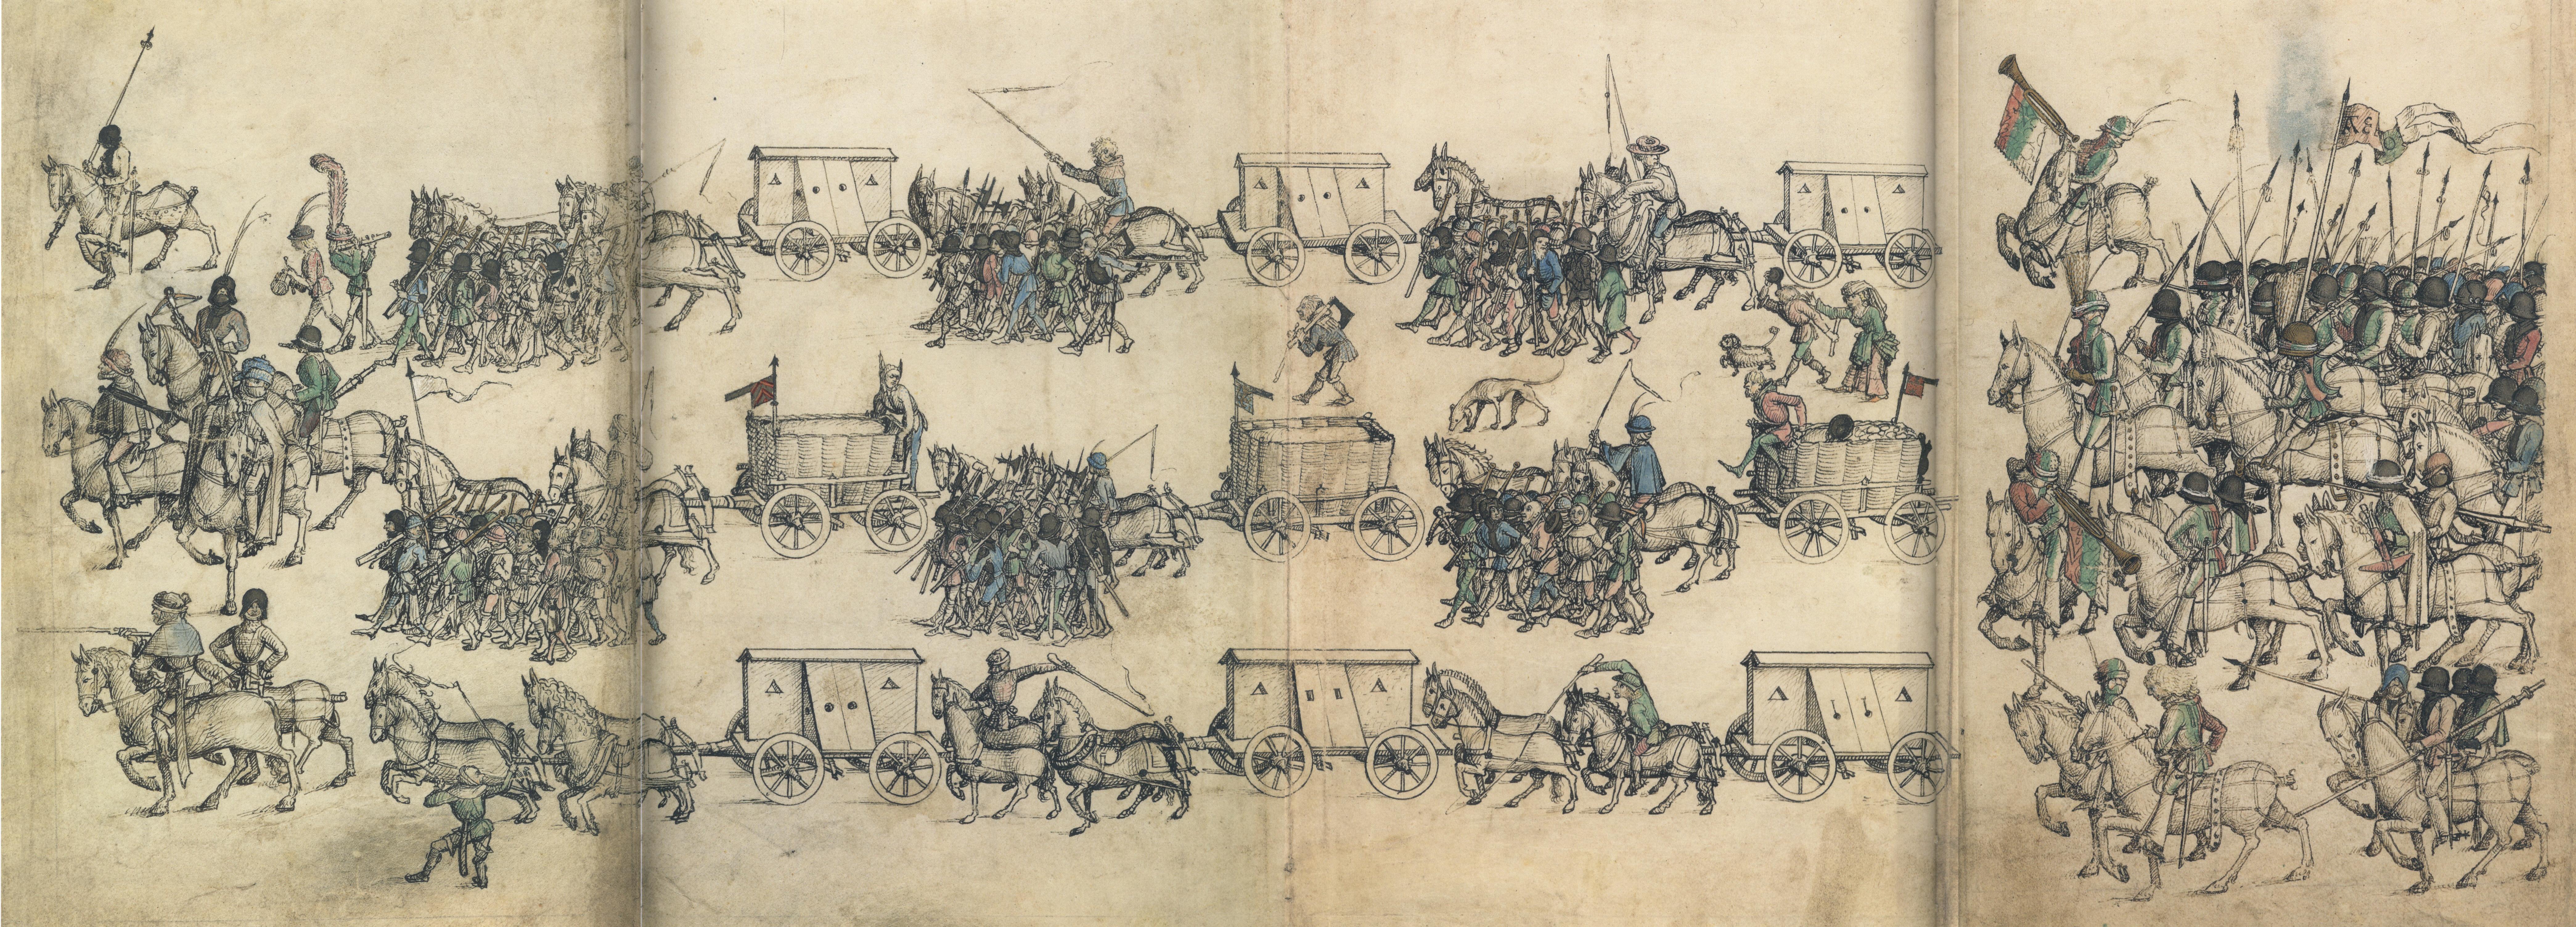 Heerzug aus dem sog. Wolfegger Hausbuch um 1474